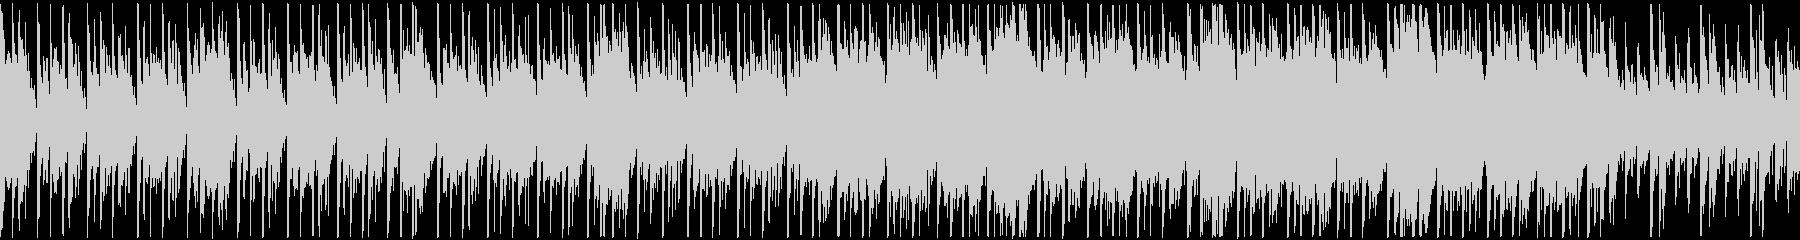 定番曲「スタイリッシュ」B:ループの未再生の波形